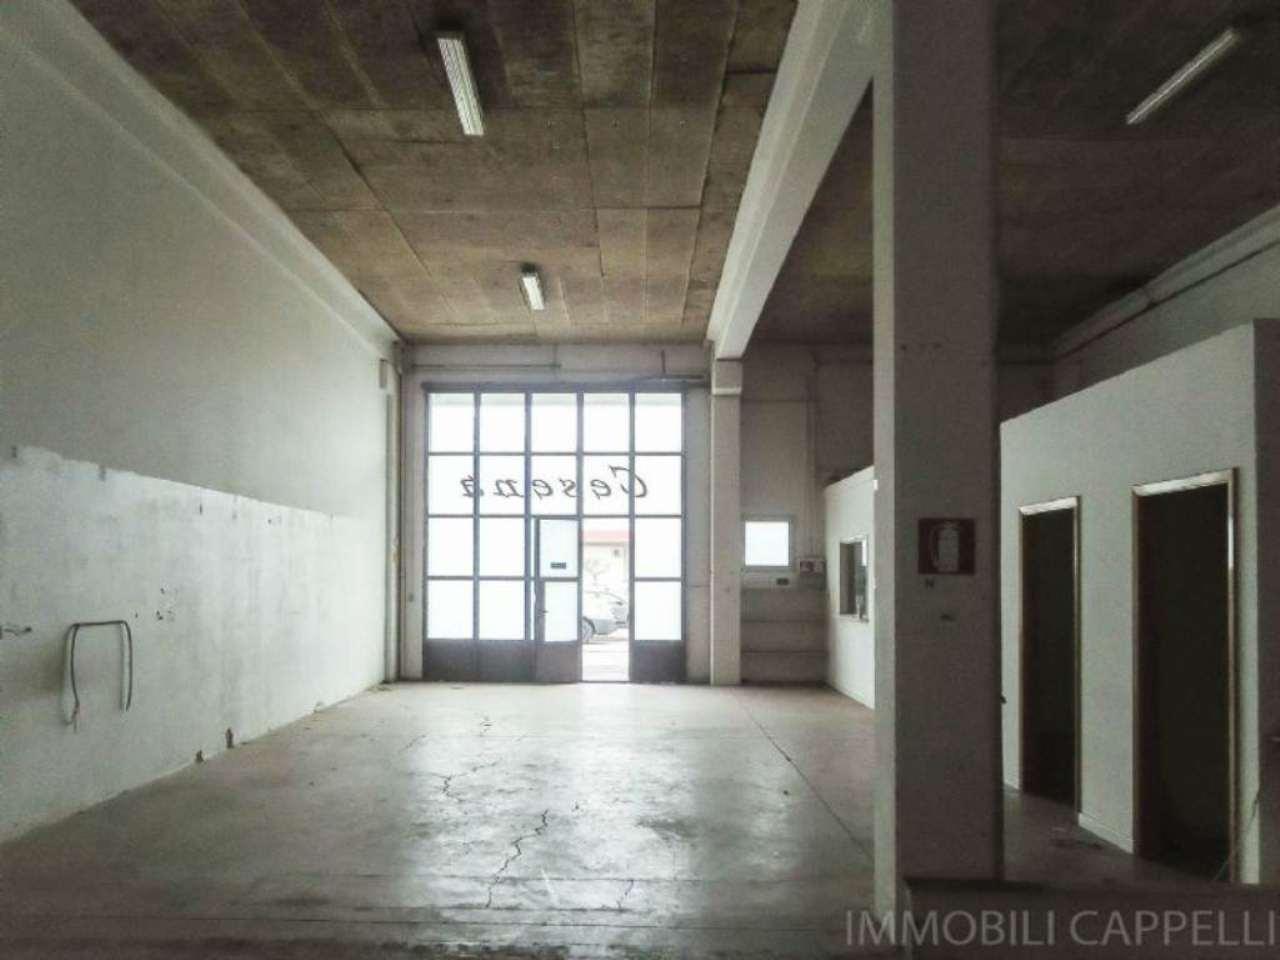 Magazzino in vendita a Cesena, 9999 locali, prezzo € 150.000 | CambioCasa.it